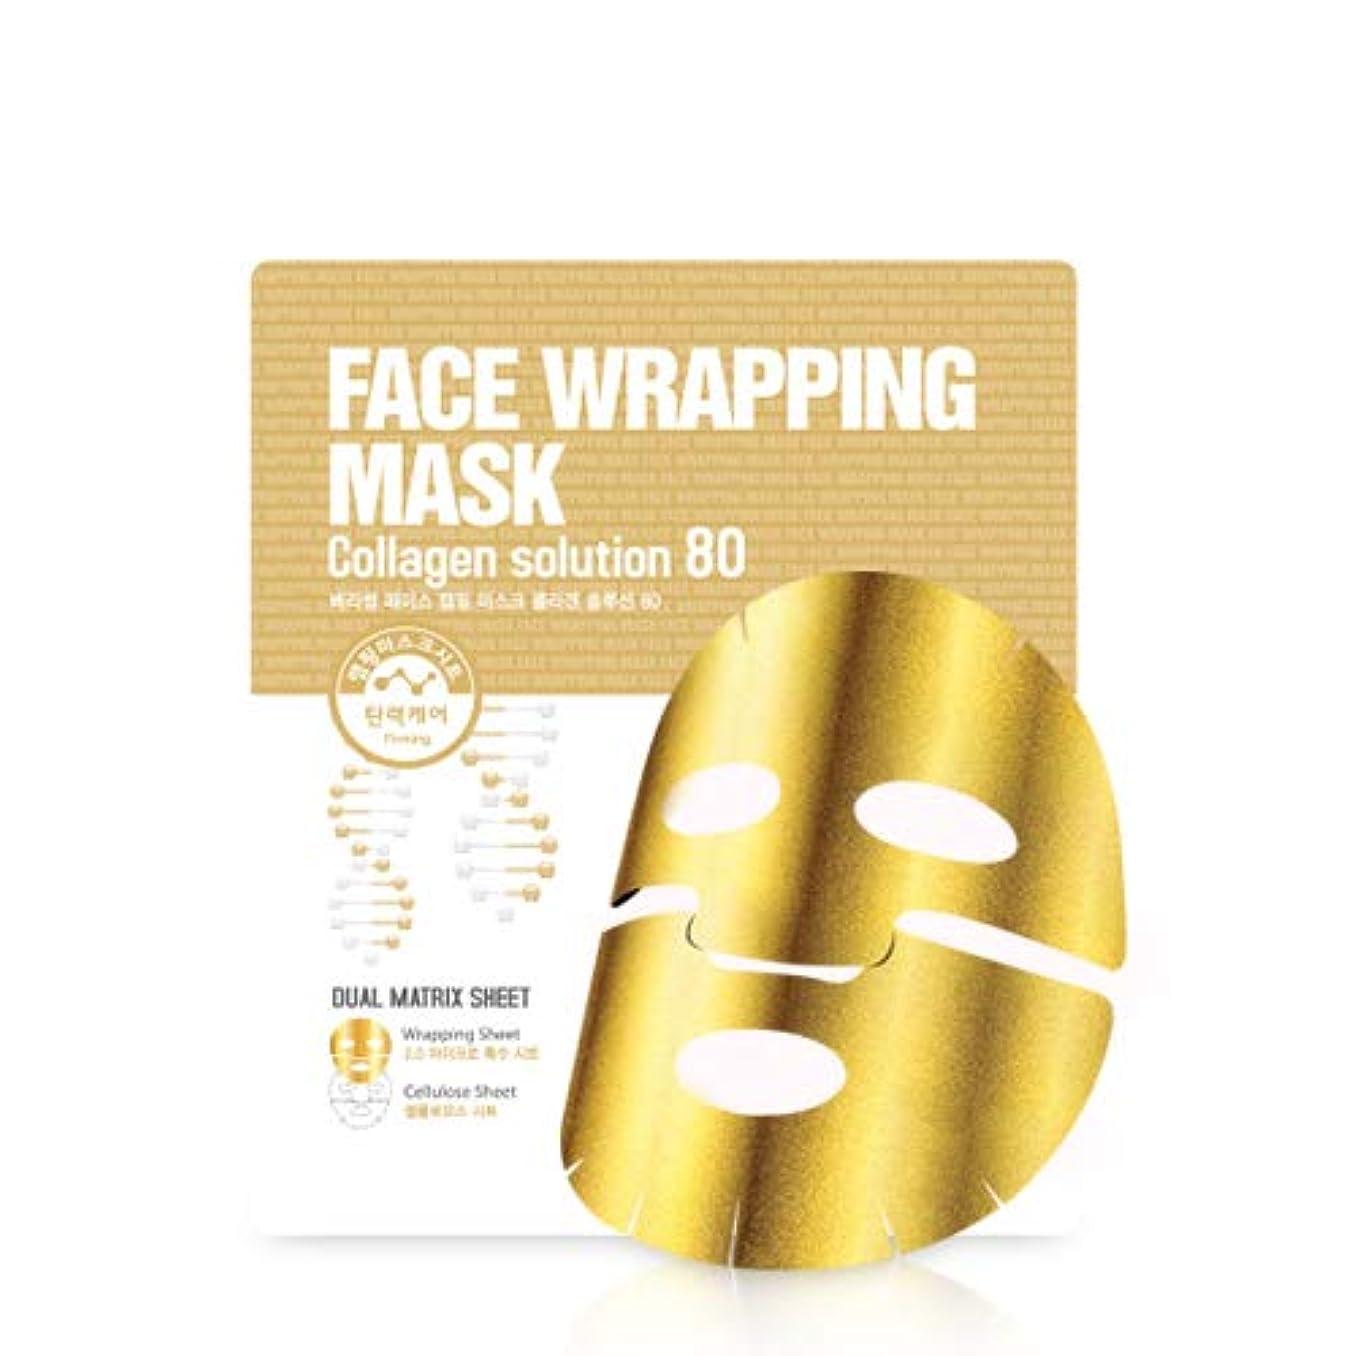 クロニクル優れました悲惨ベリソム[Berrisom] フェイスラッピングマスクコラーゲンソリューション80 / しわ防止、引き締め Wrapping Mask Collagen 27gx5P